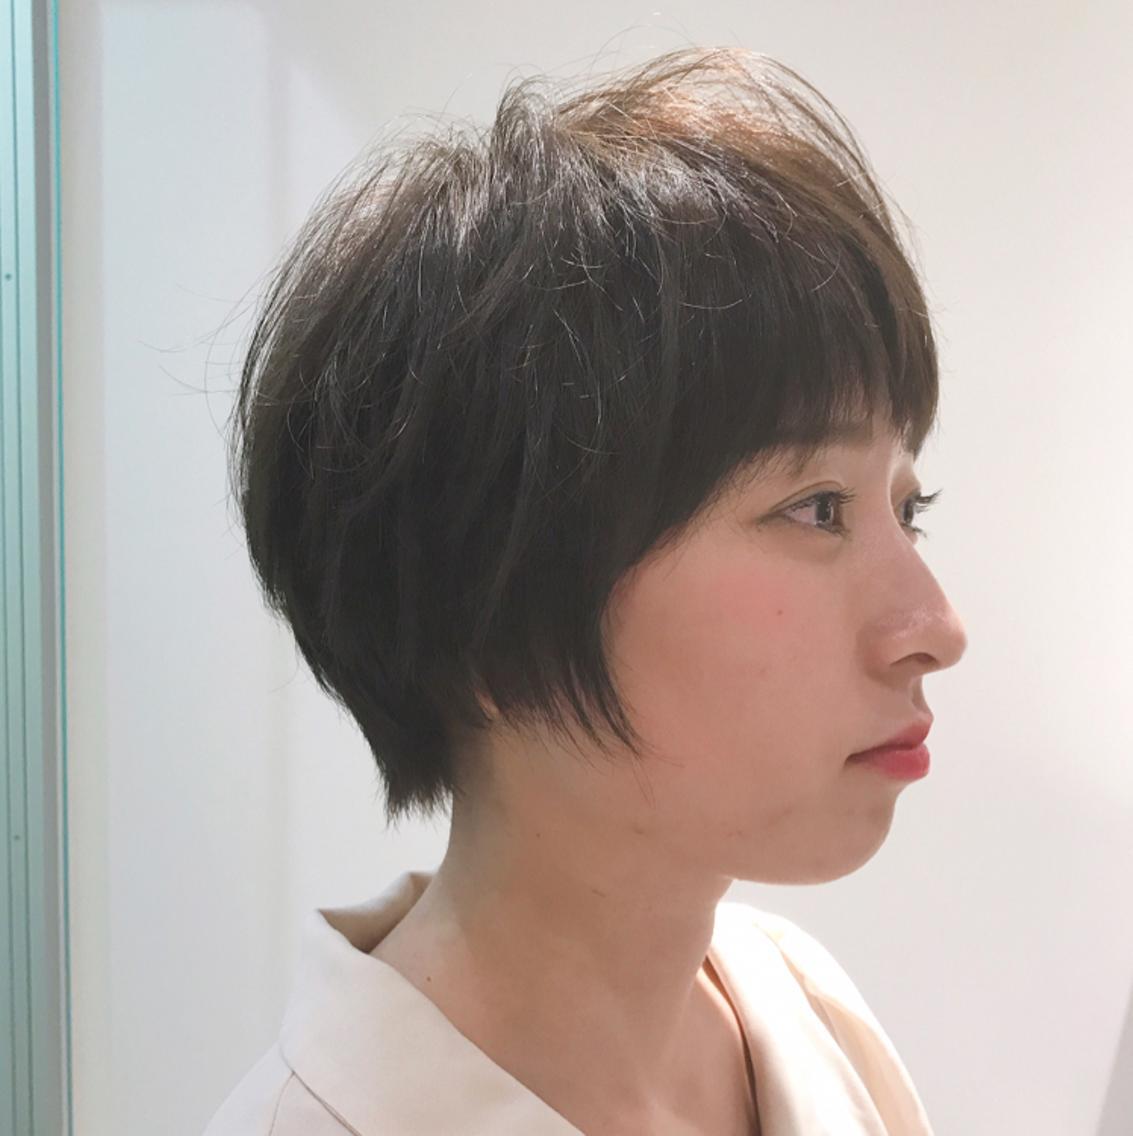 【新規のお客様】【学生24歳以下】【石坂指名限定♡】似合わせカット+クイックトリートメント¥3240